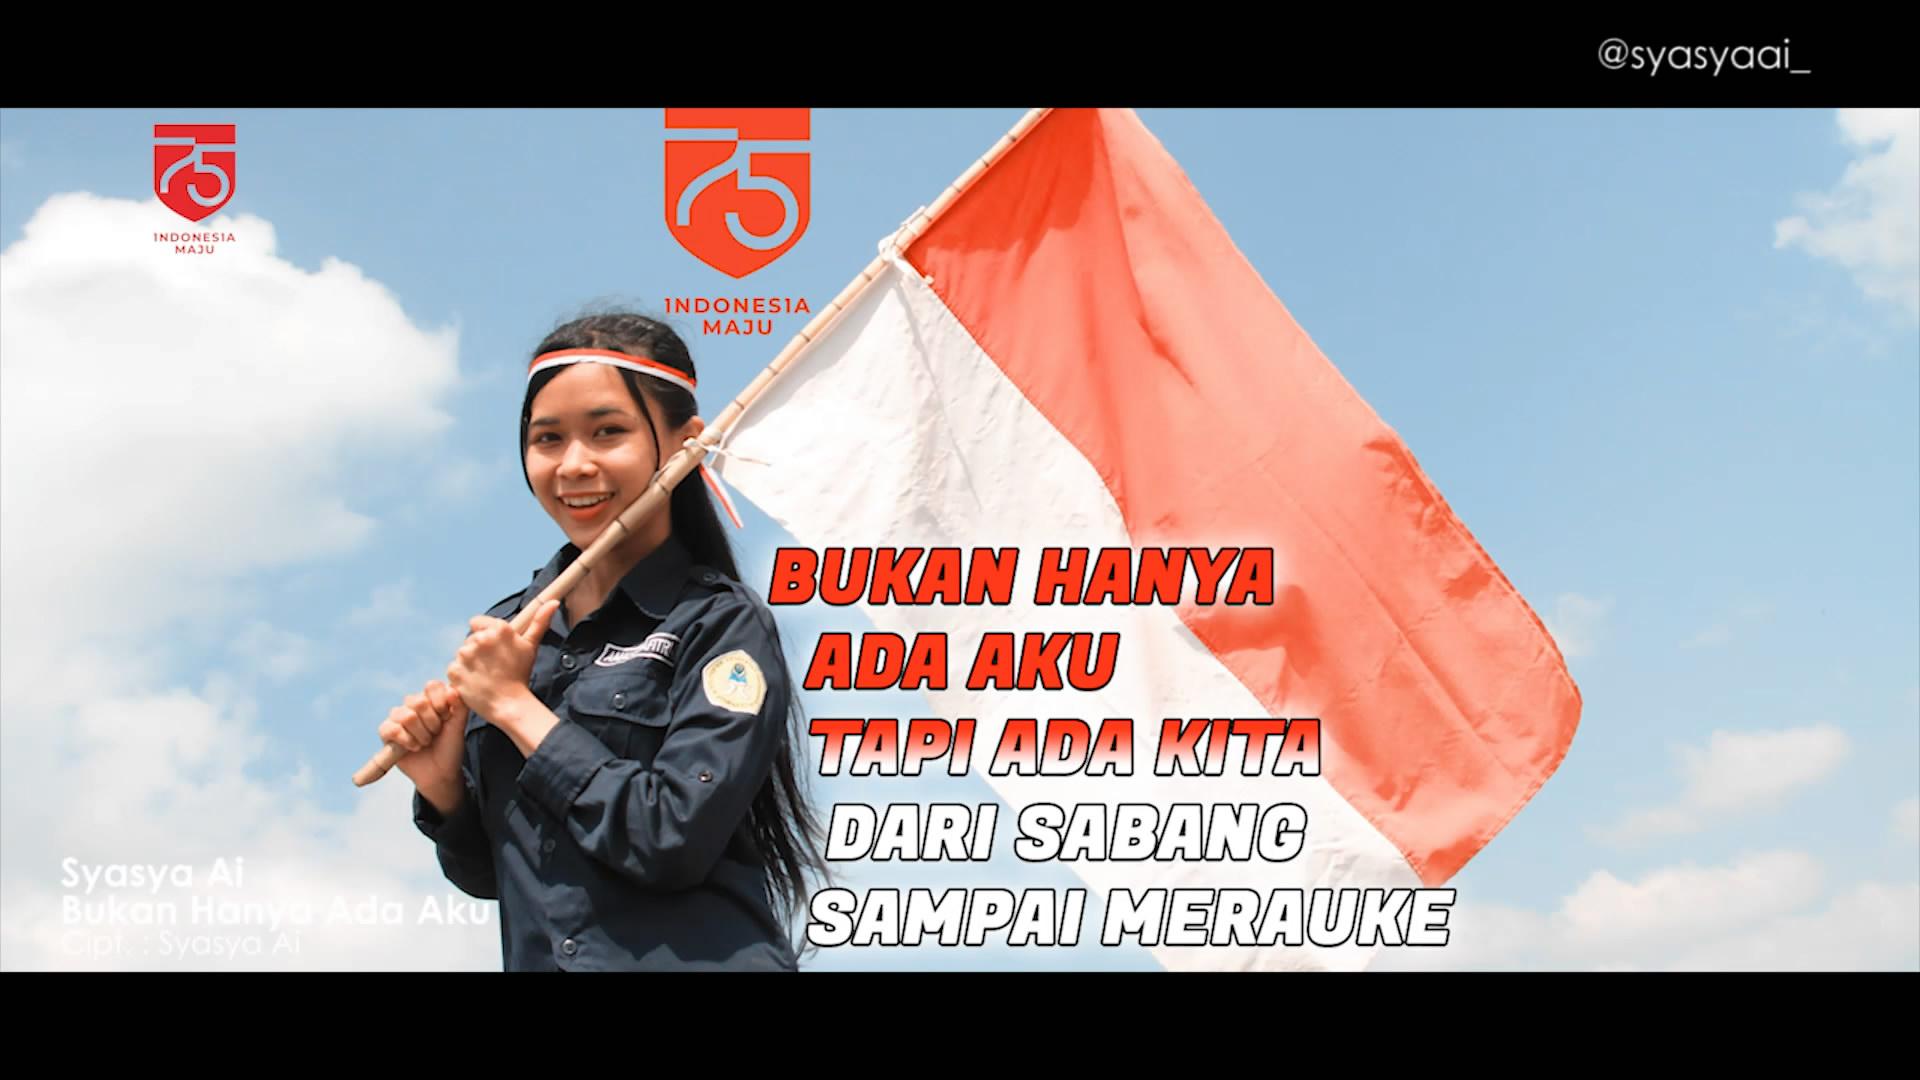 Putrayasa - Lagu Tema Kemerdekaan yang Keren dan Easy Listening Karya Anak Lombok (Syasya Ai - Bukan Hanya Ada Aku)